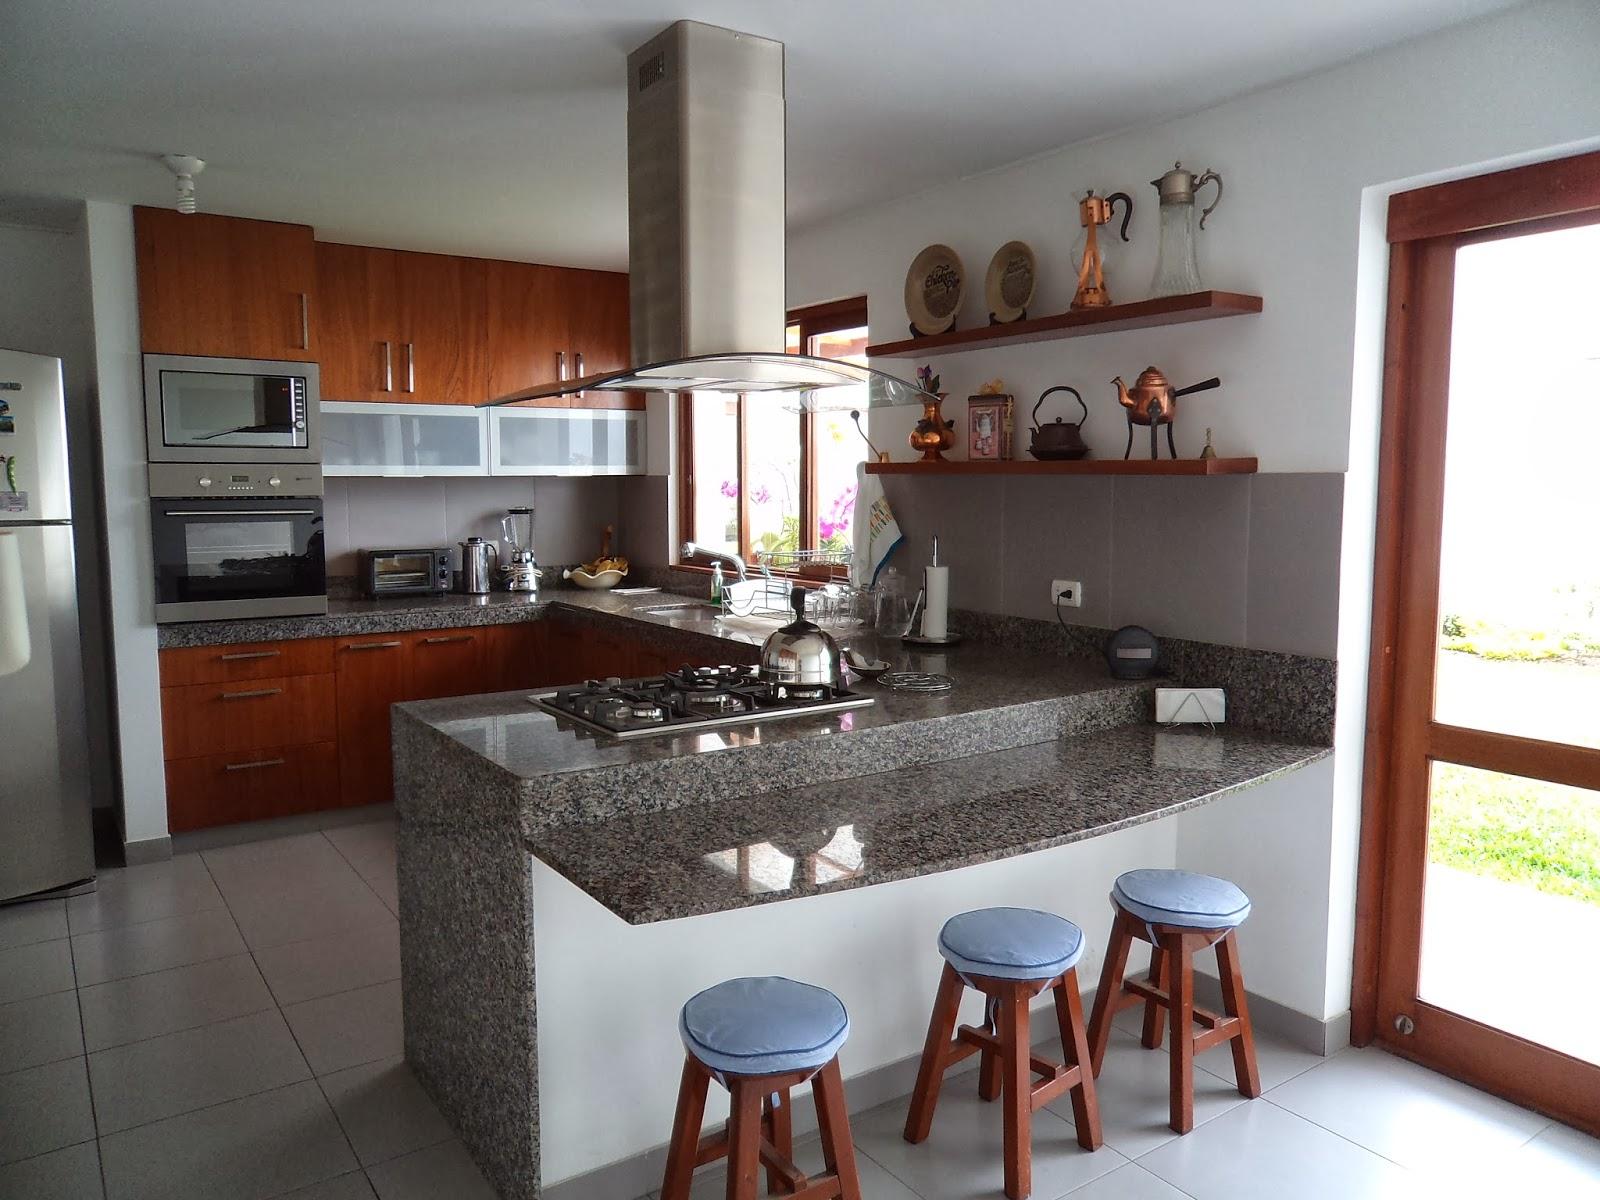 Oniria dise o y ejecuci n de cocinas for Remodelacion de casas pequenas